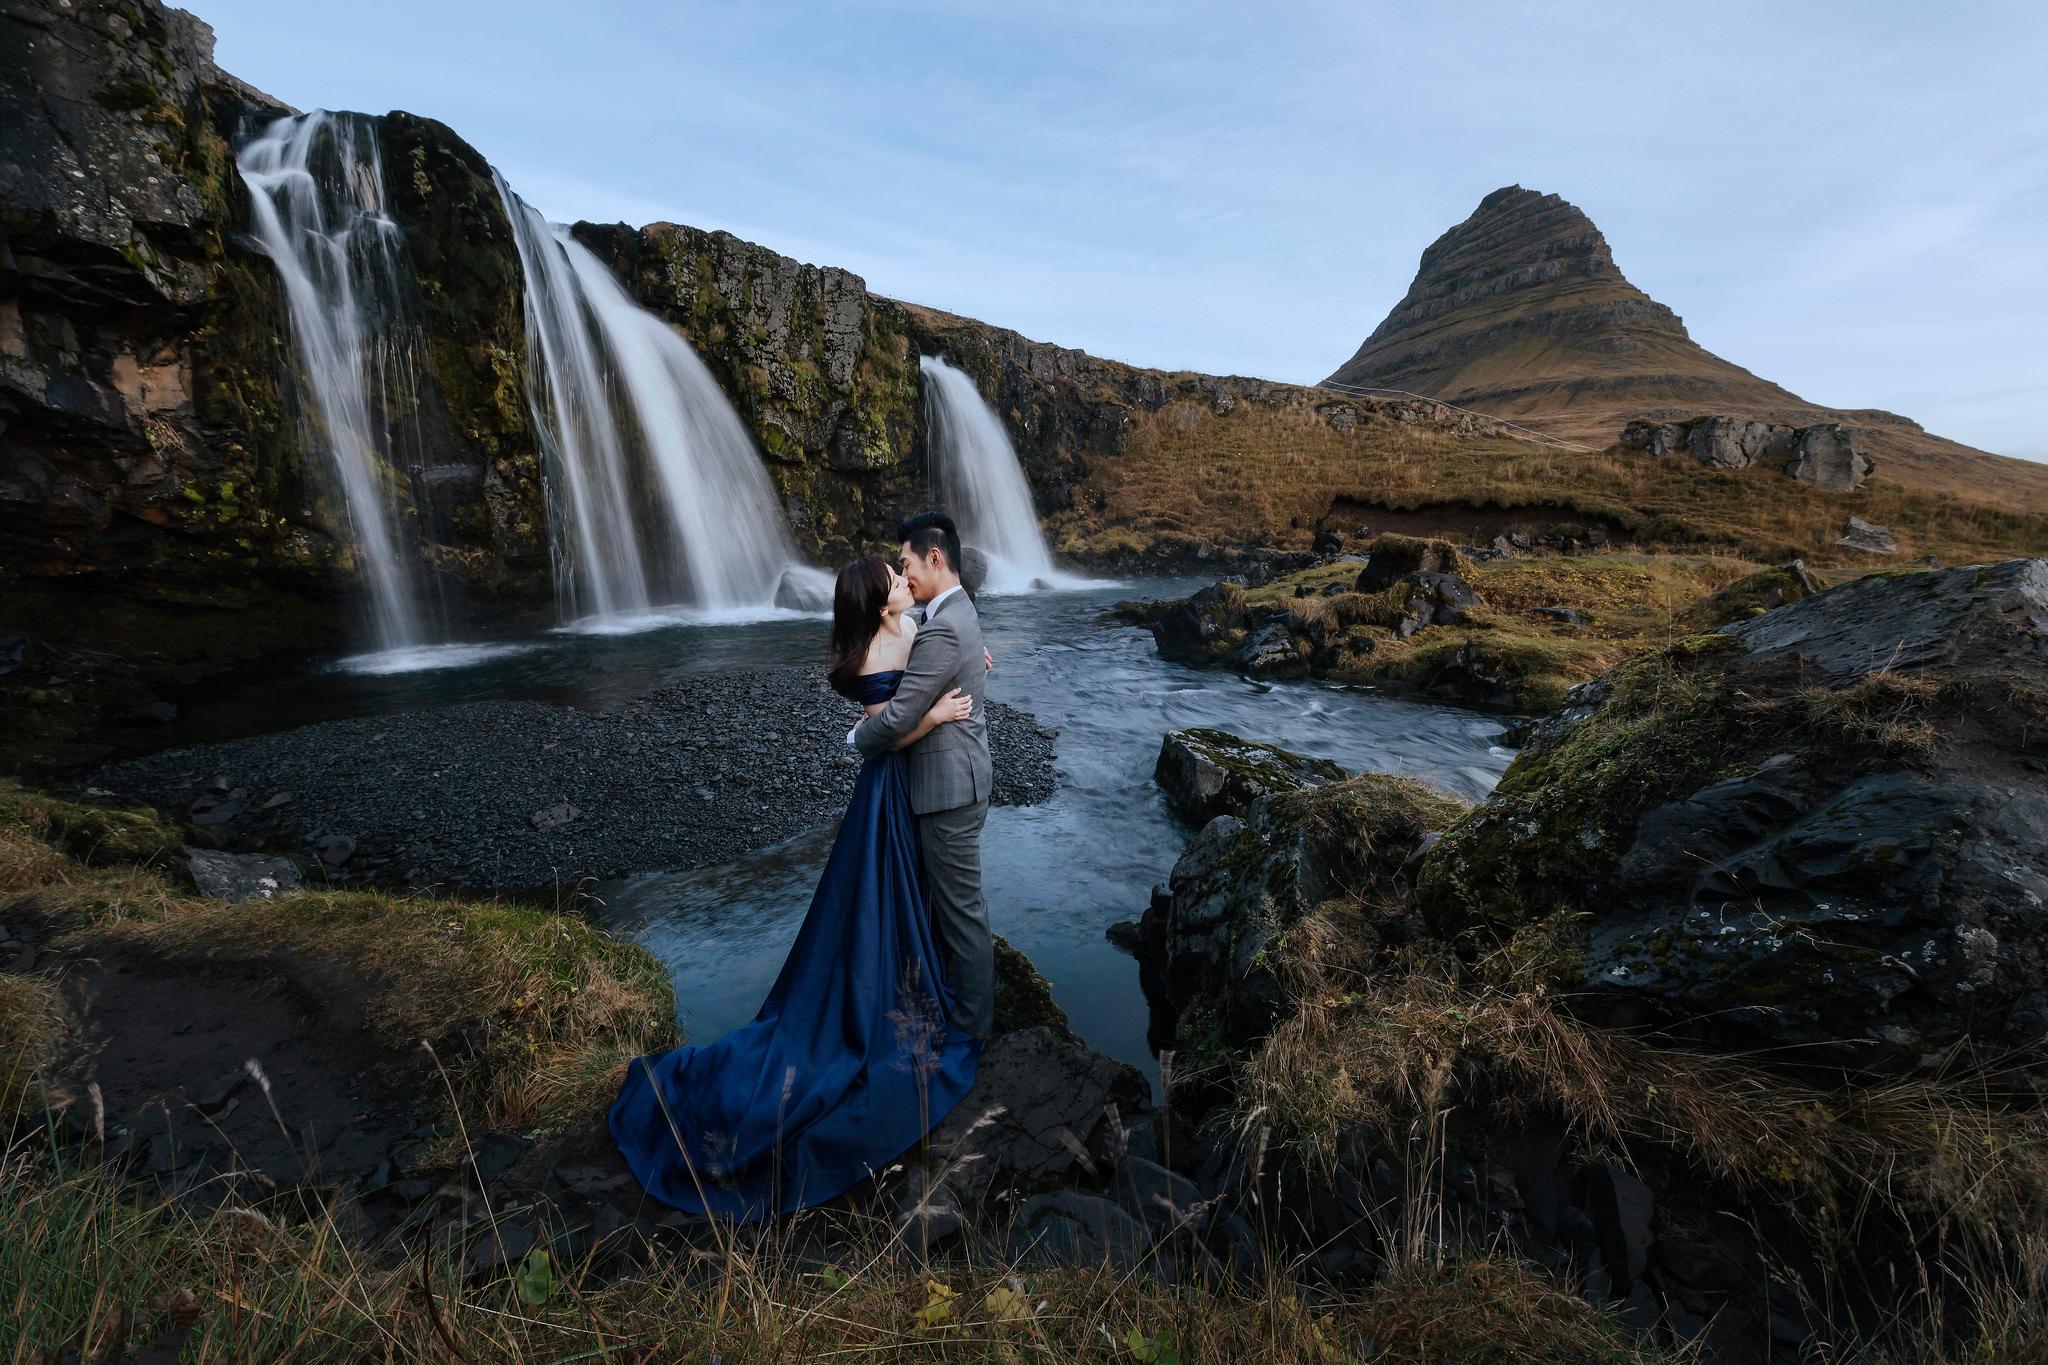 冰島攻略, 冰島婚紗, Donfer, 教堂山, 草帽山, Iceland Pre-Wedding, Kirkjufellsfoss